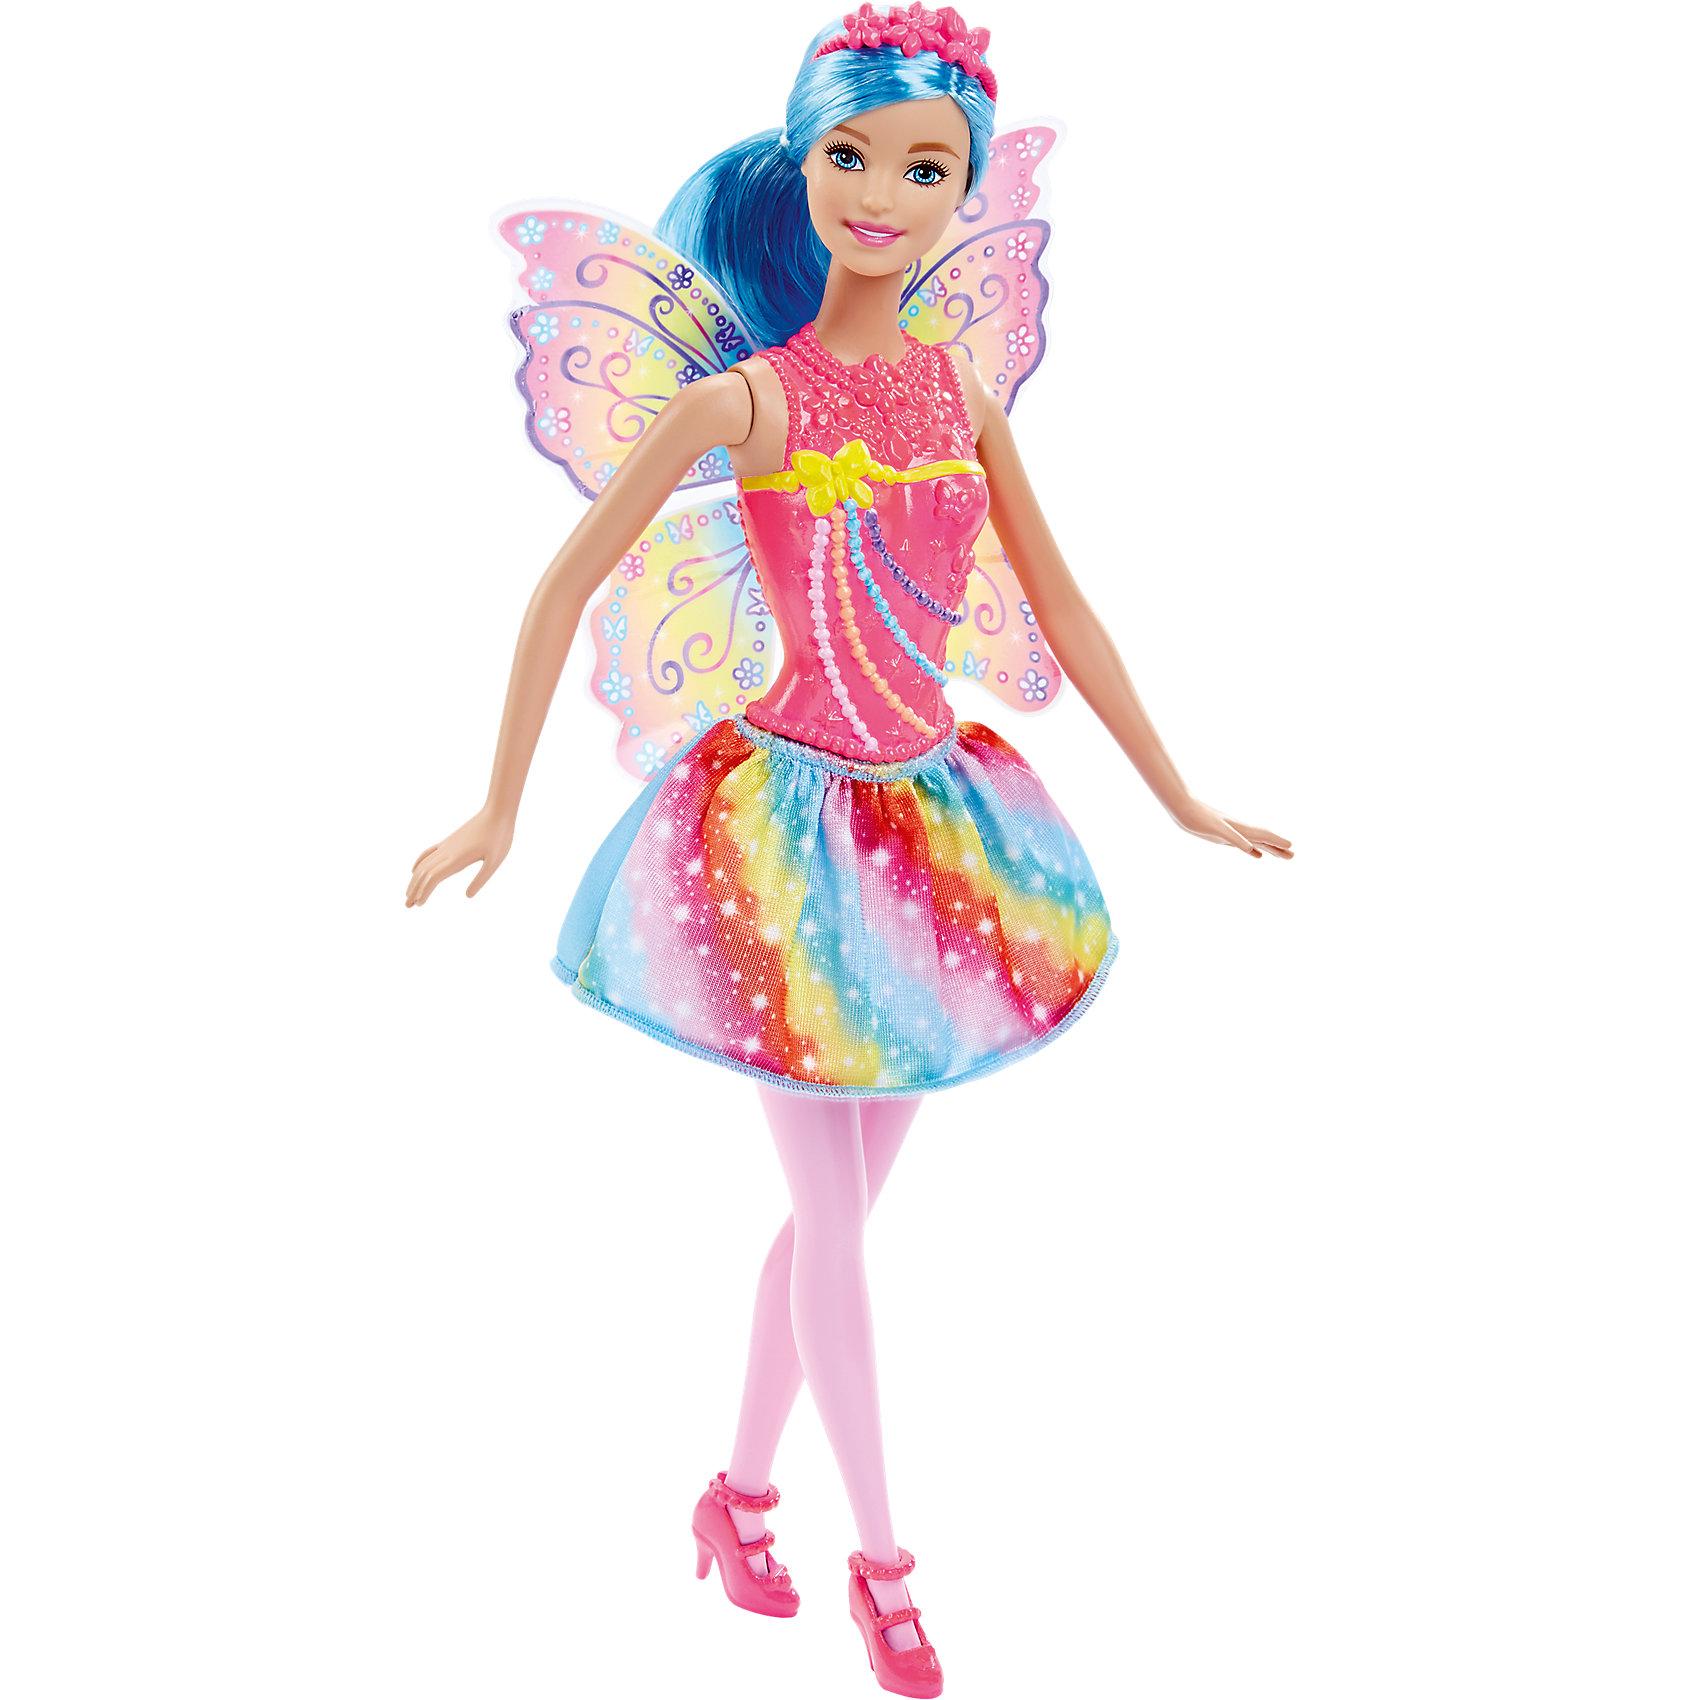 Радужная кукла-фея Rainbow, Barbie